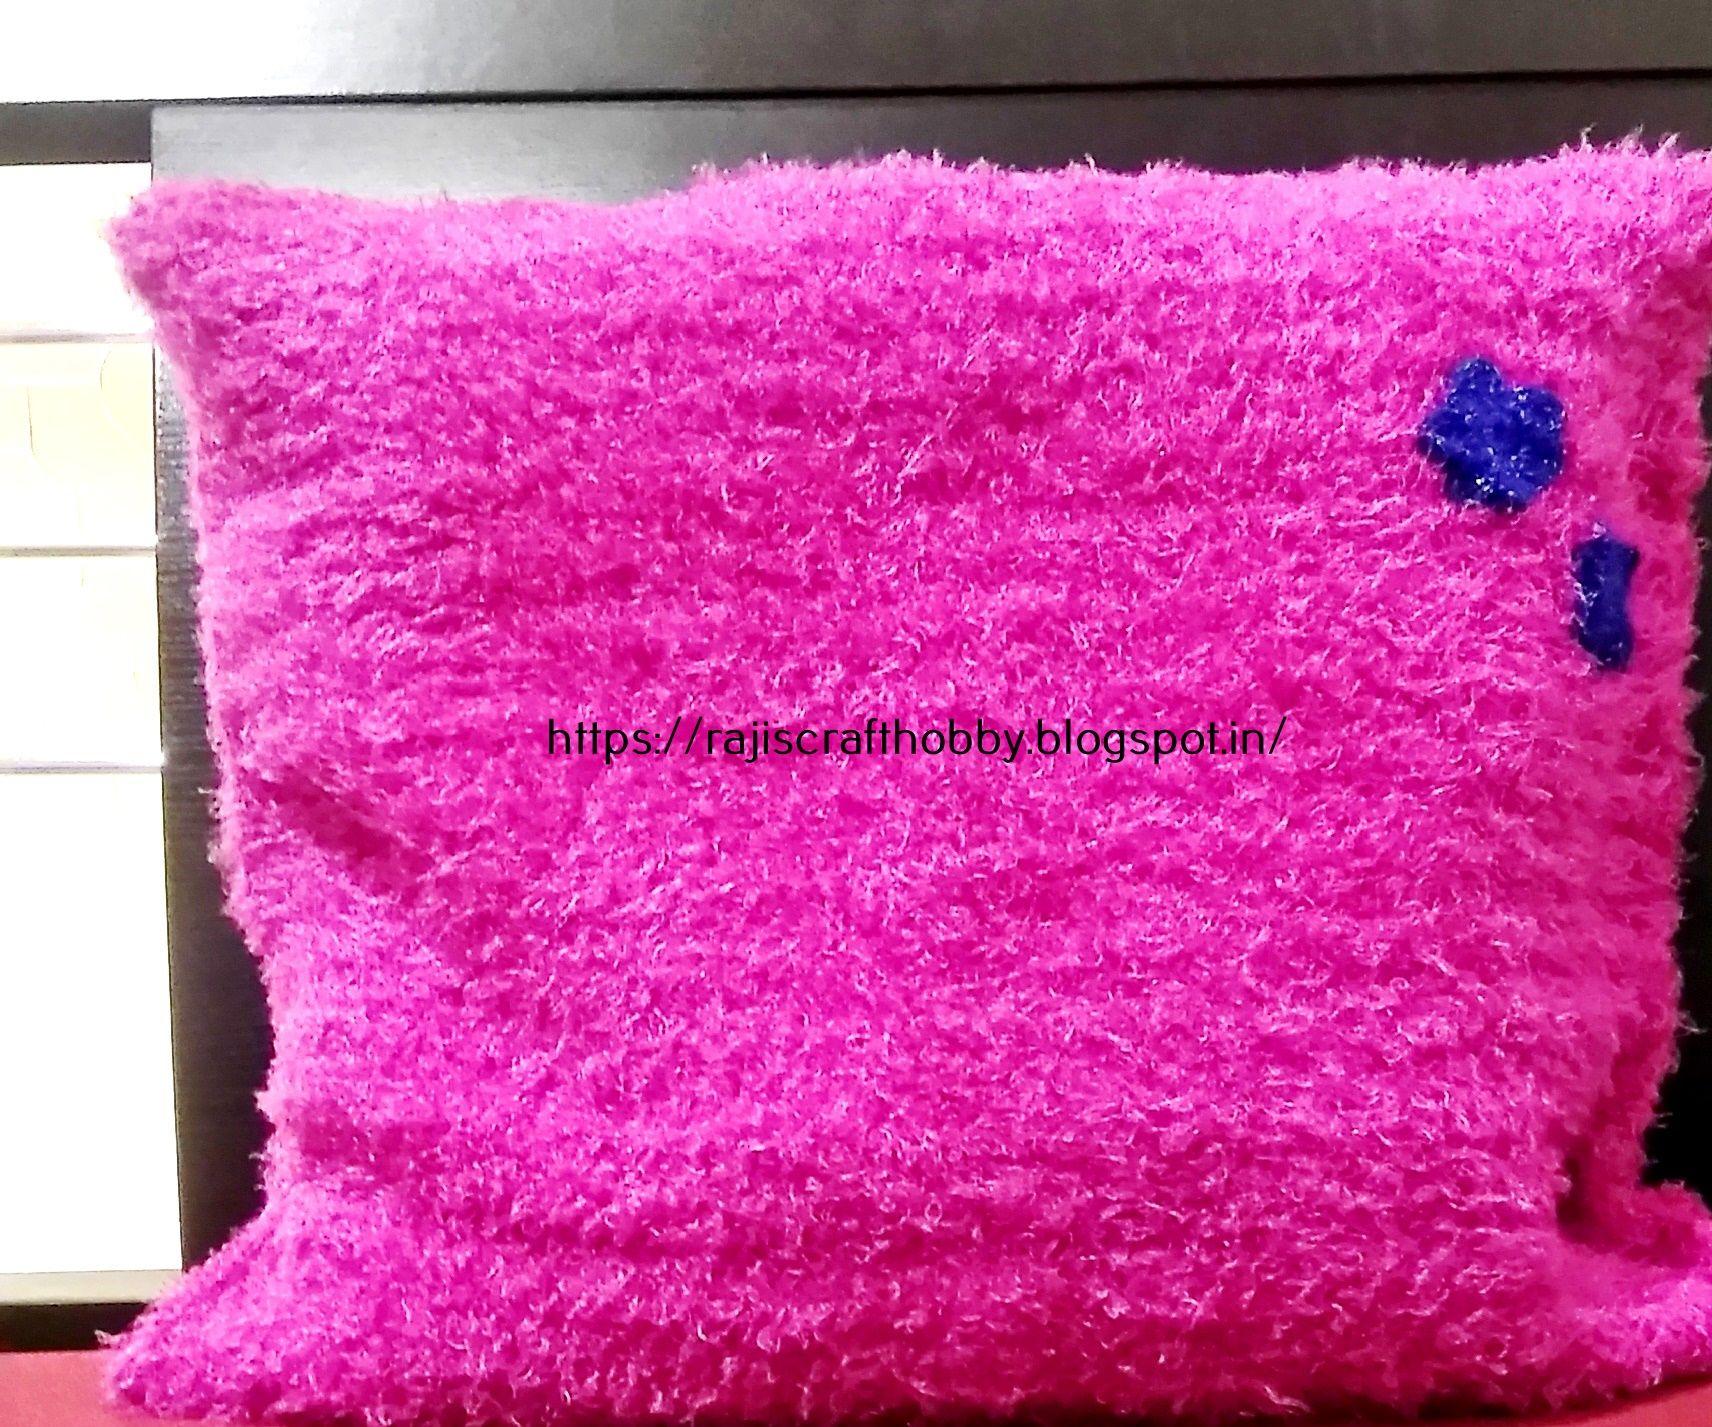 Basic Double Crochet Cushion Cover